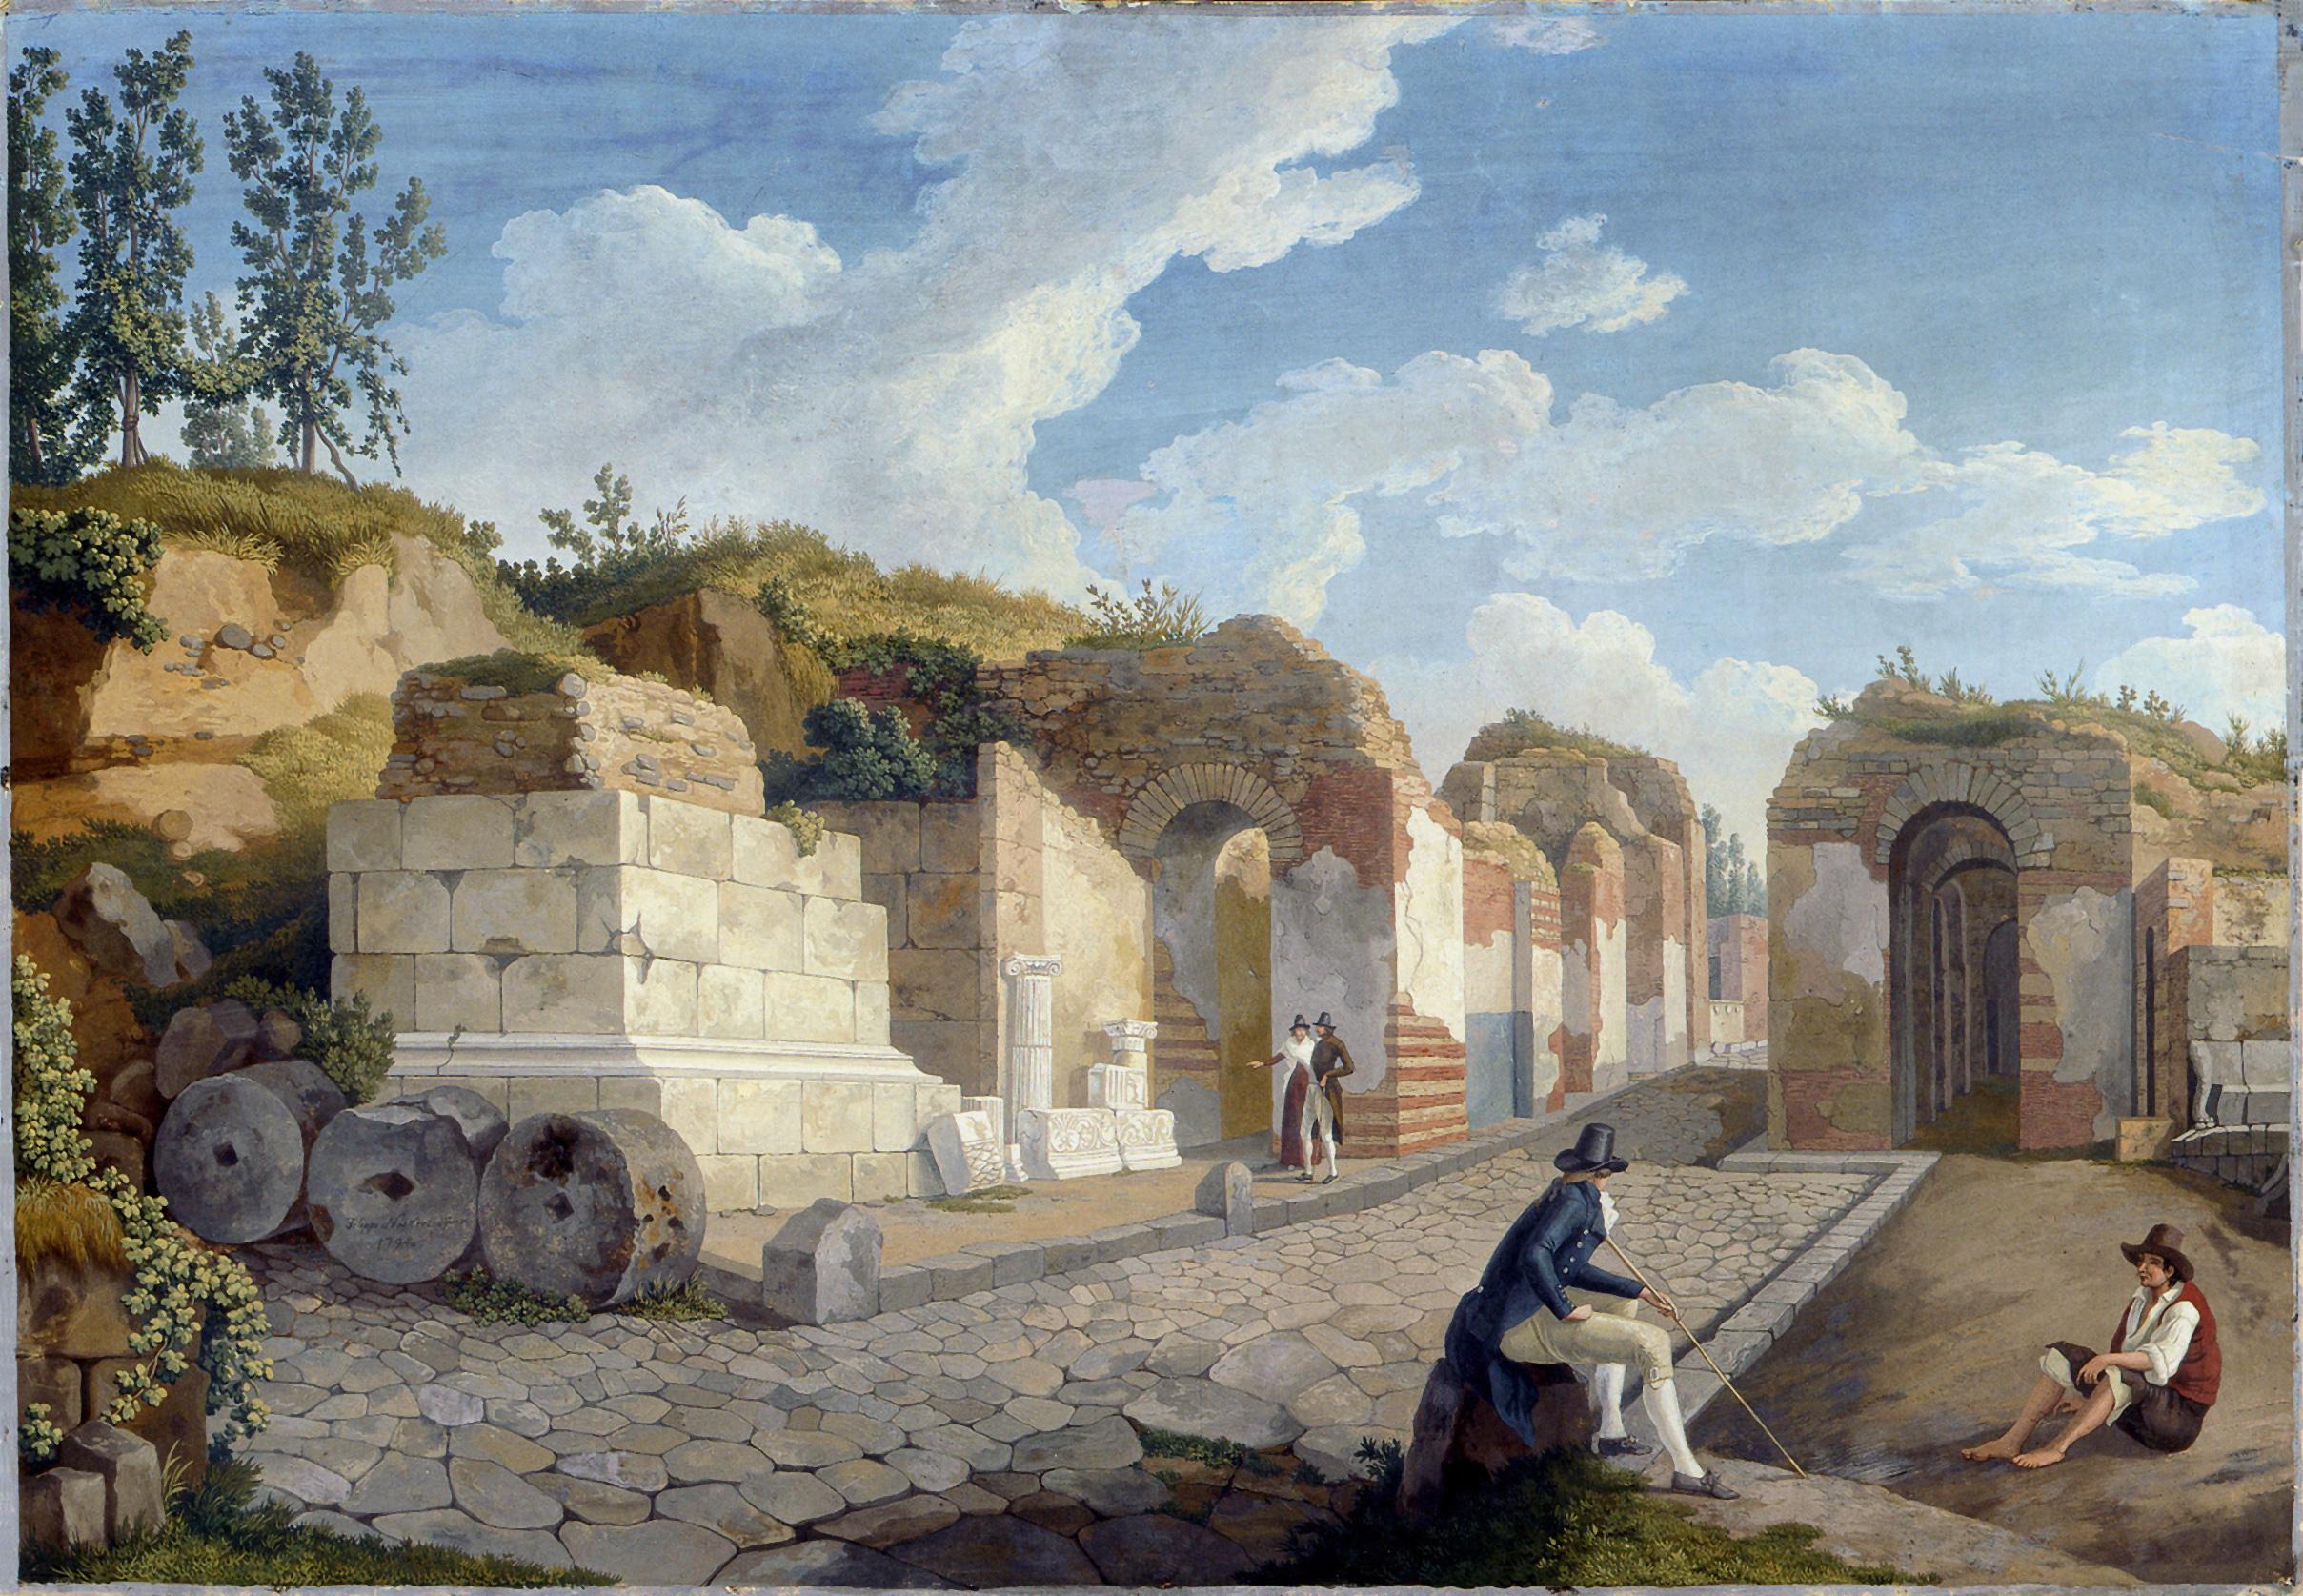 File:Hackert, Das Herkulaner Tor in Pompeji, 1794.jpg ...